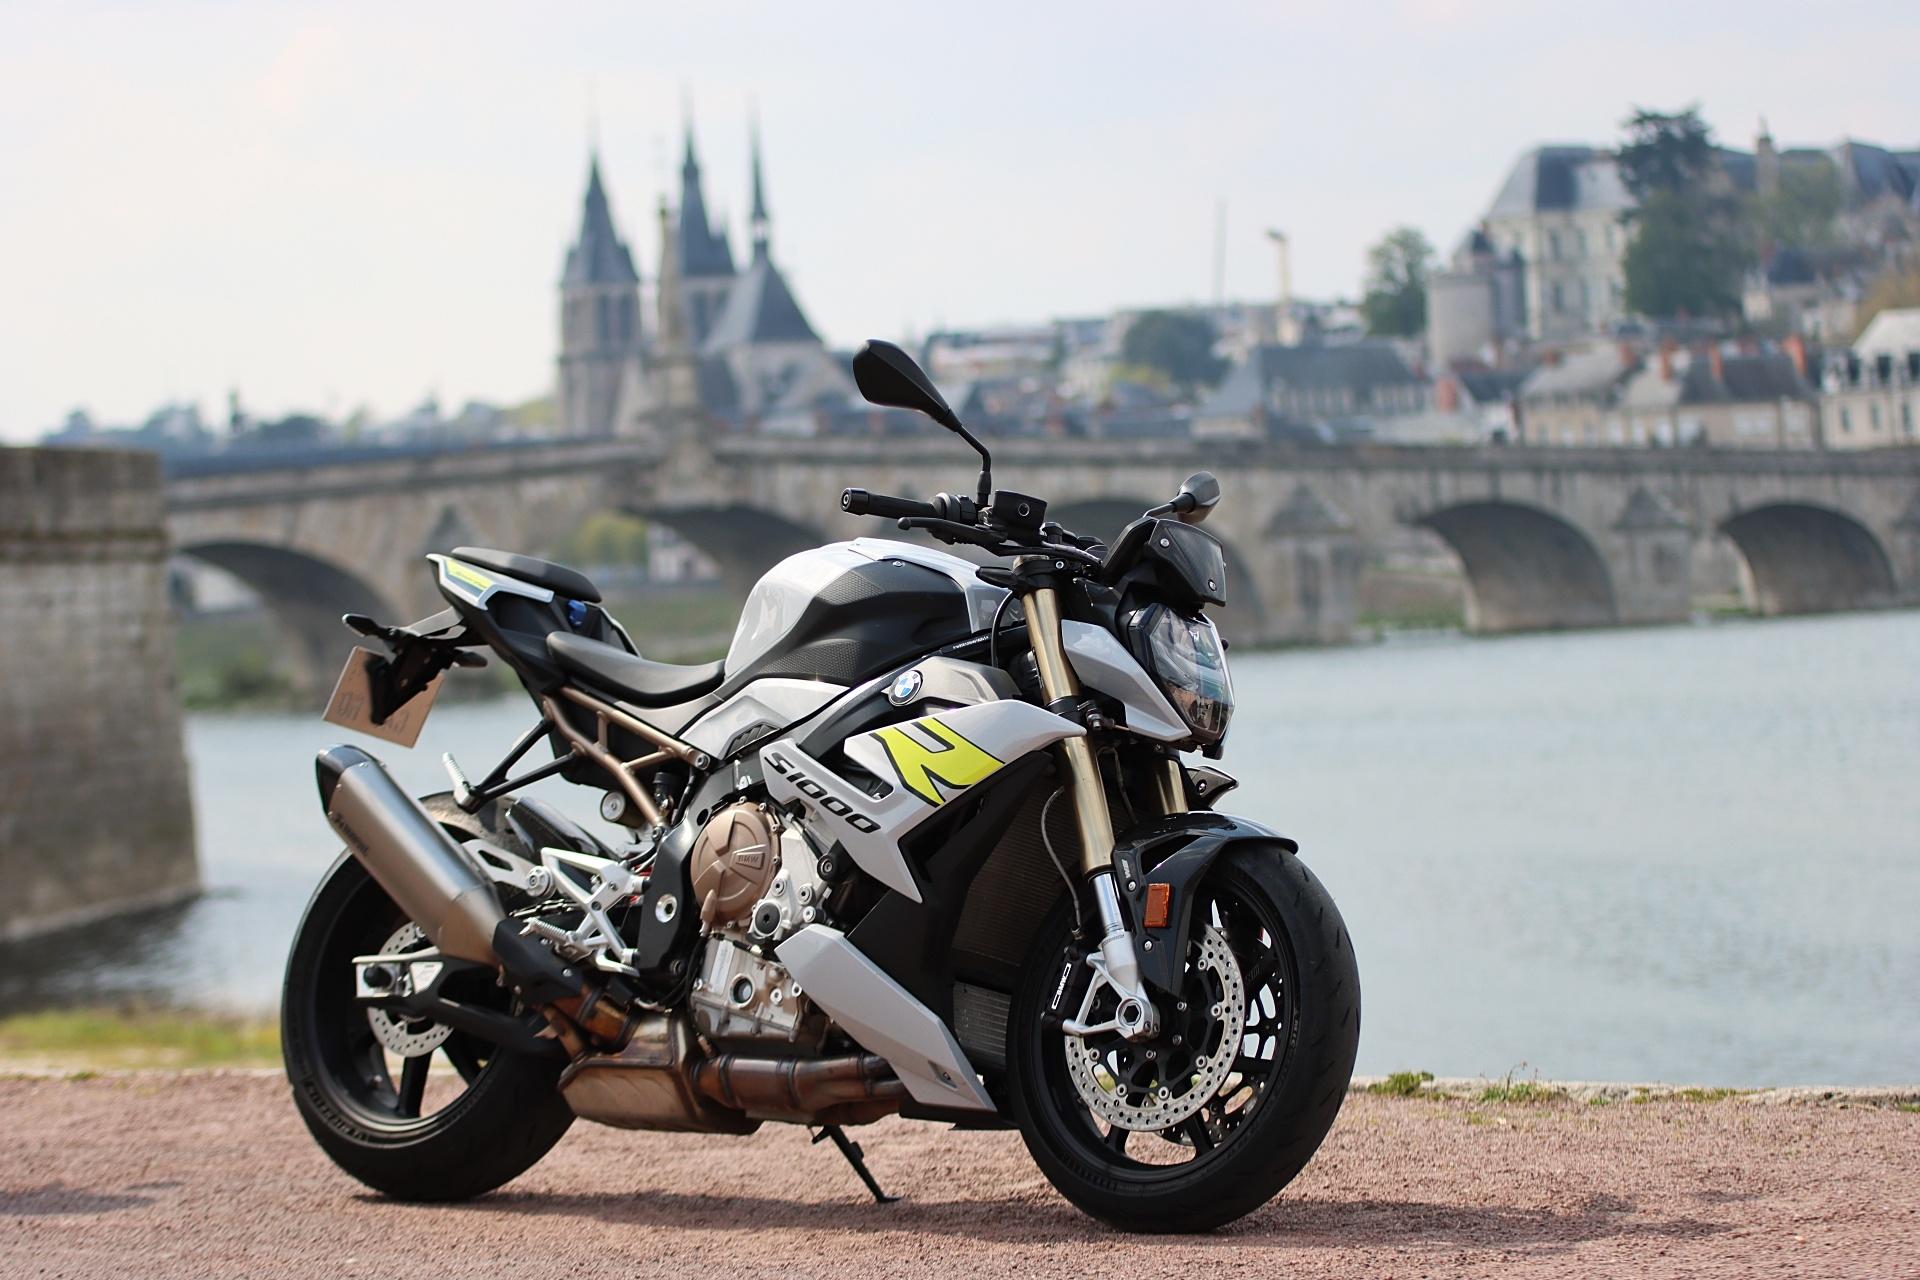 BMW S1000R 2021 S0-essai-bmw-s1000-r-671865